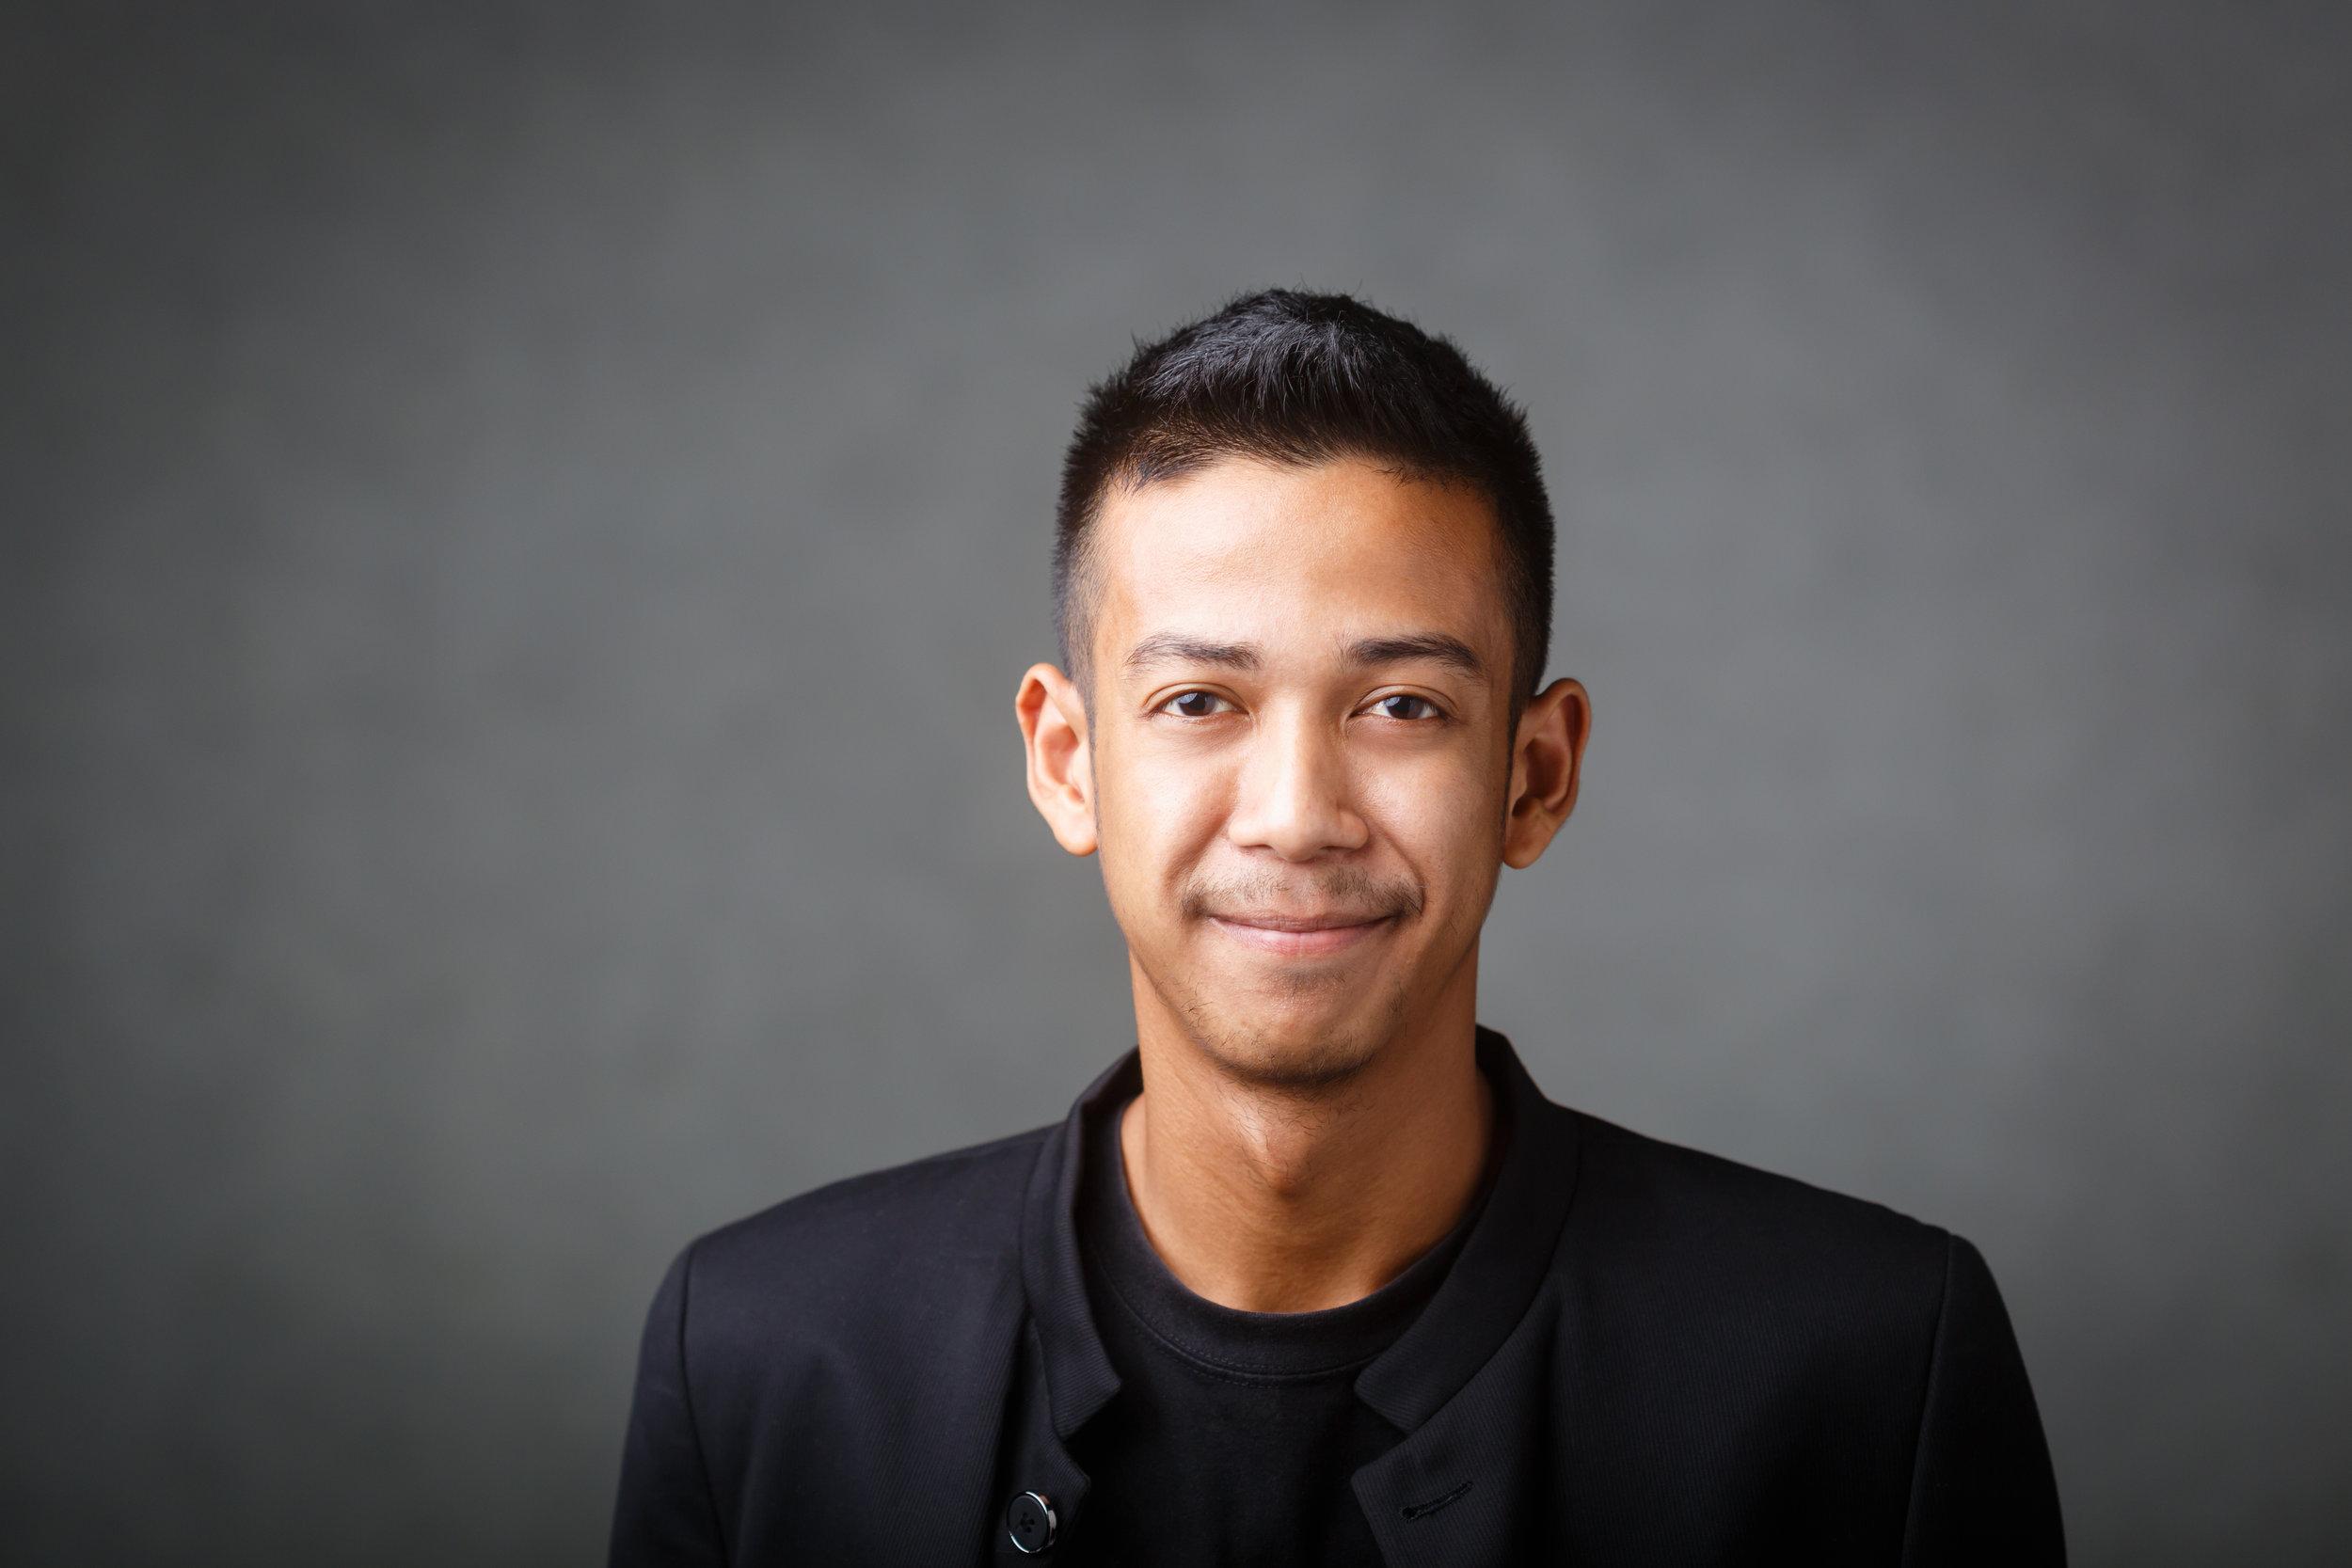 Mohd. Fareez Rizal bin Spree - Administrative Manager